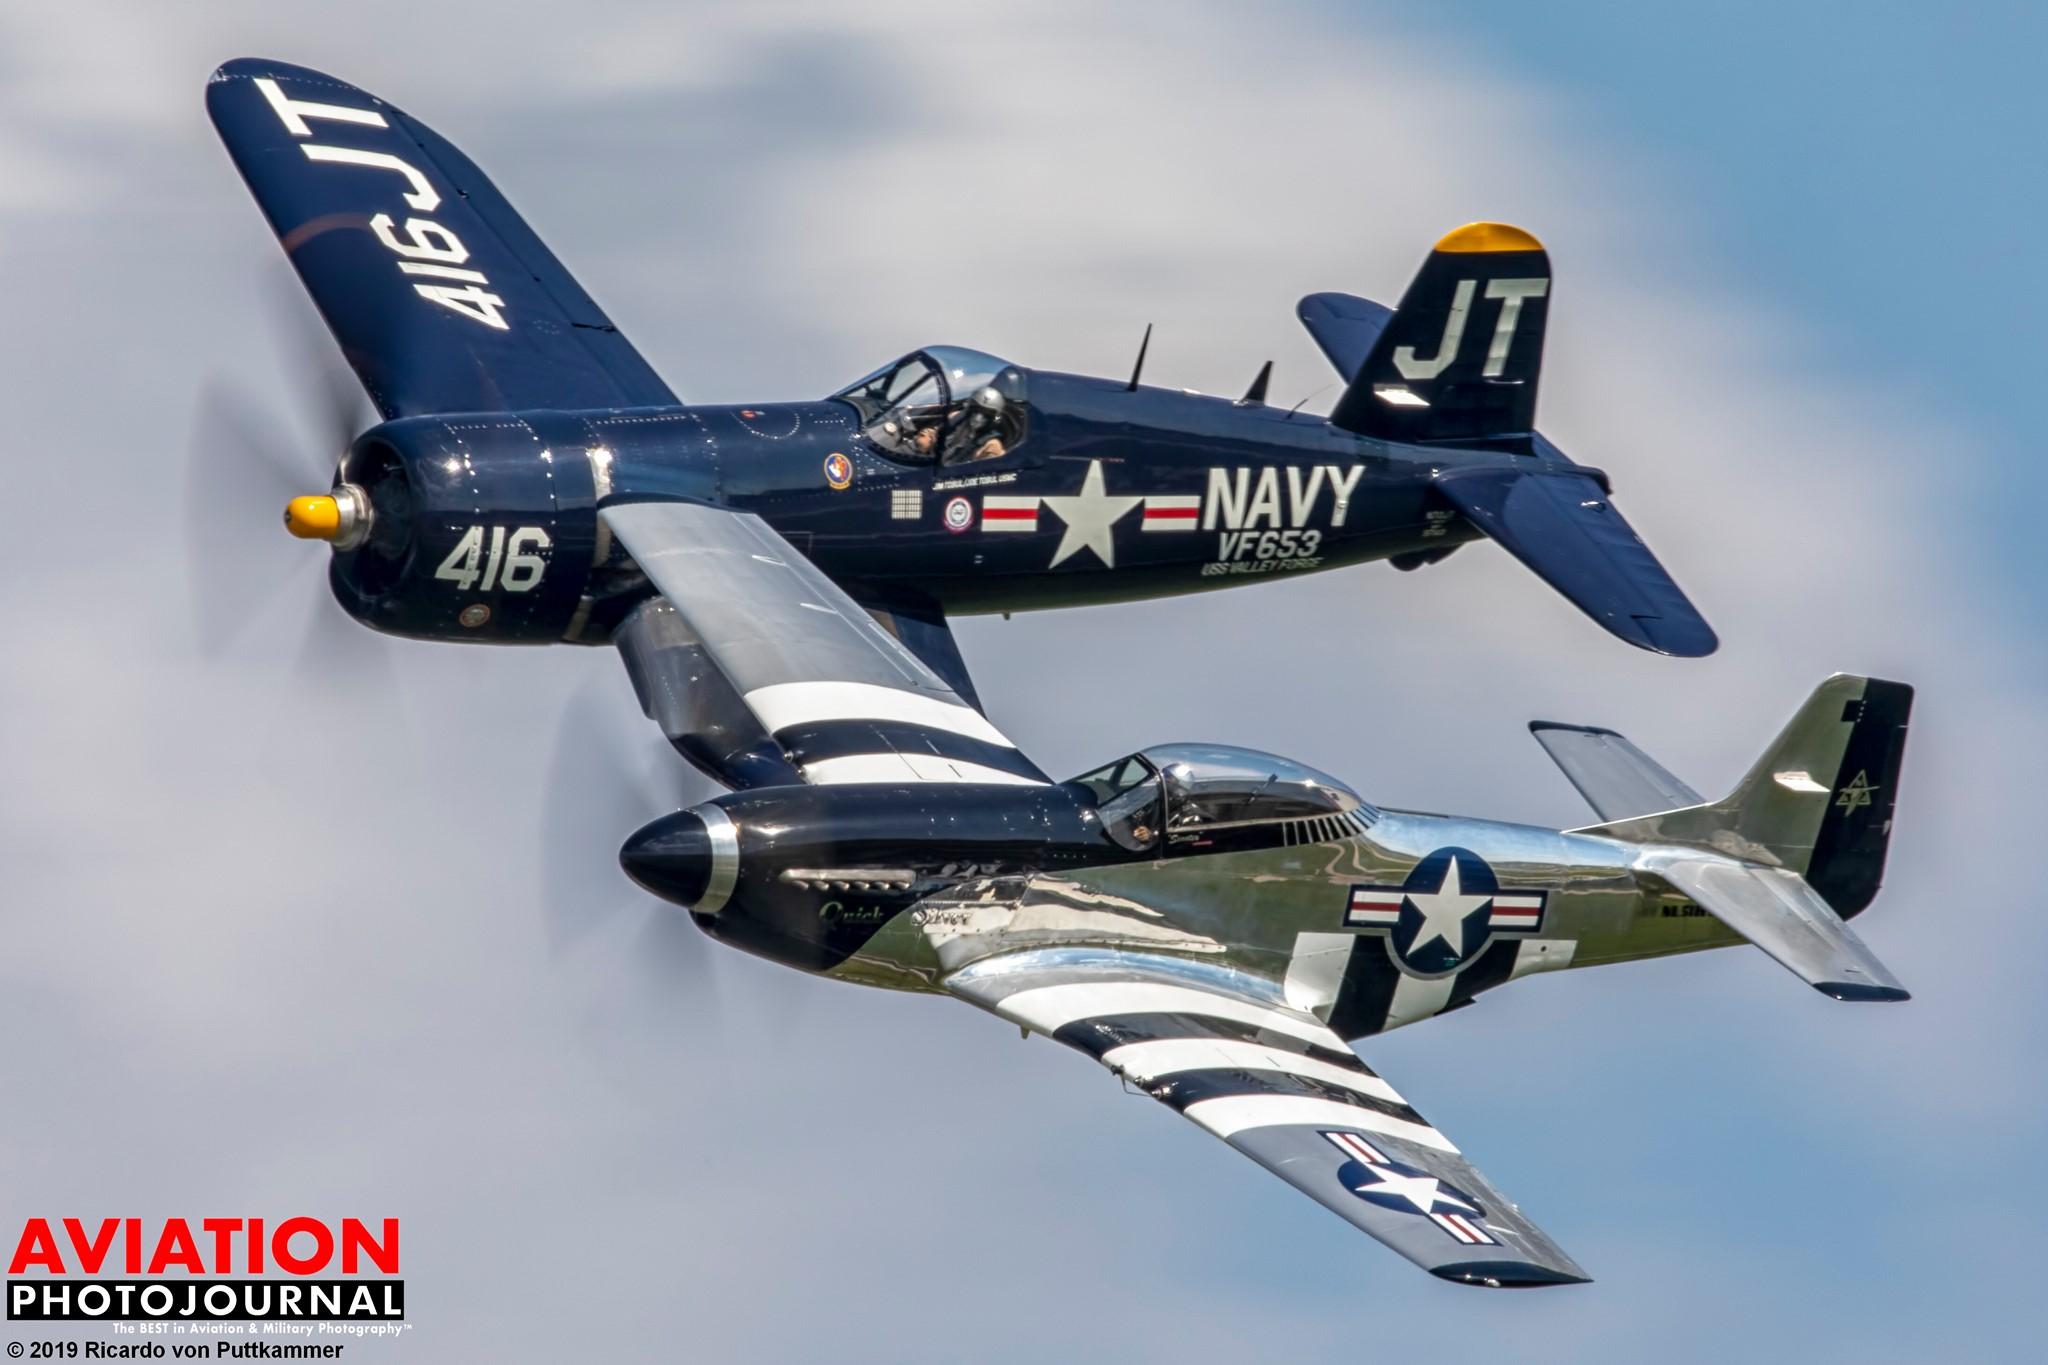 A világháború két sikeres típusa: a haditengerészet Corsair és a légierők Mustang harci gépe